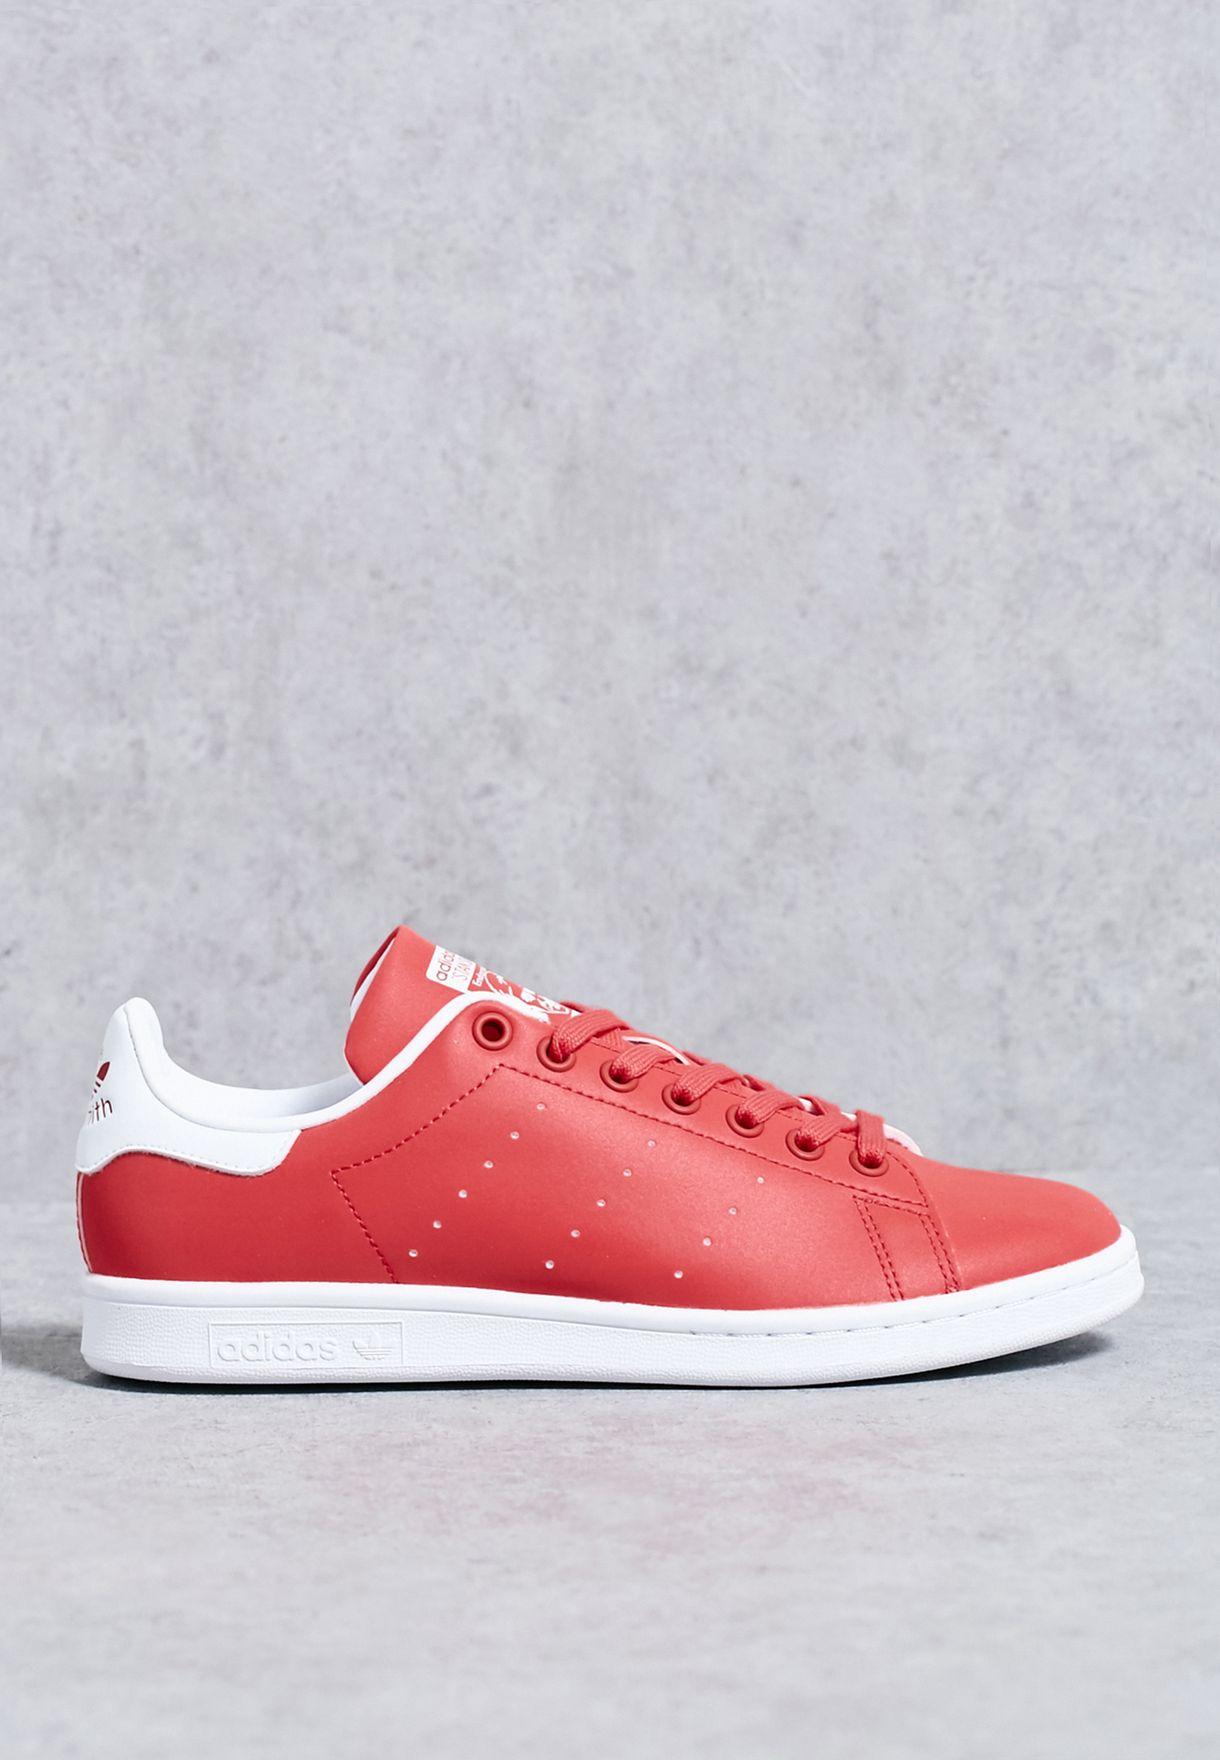 negozio adidas originali rosso stan smith bb5154 per le donne in generale